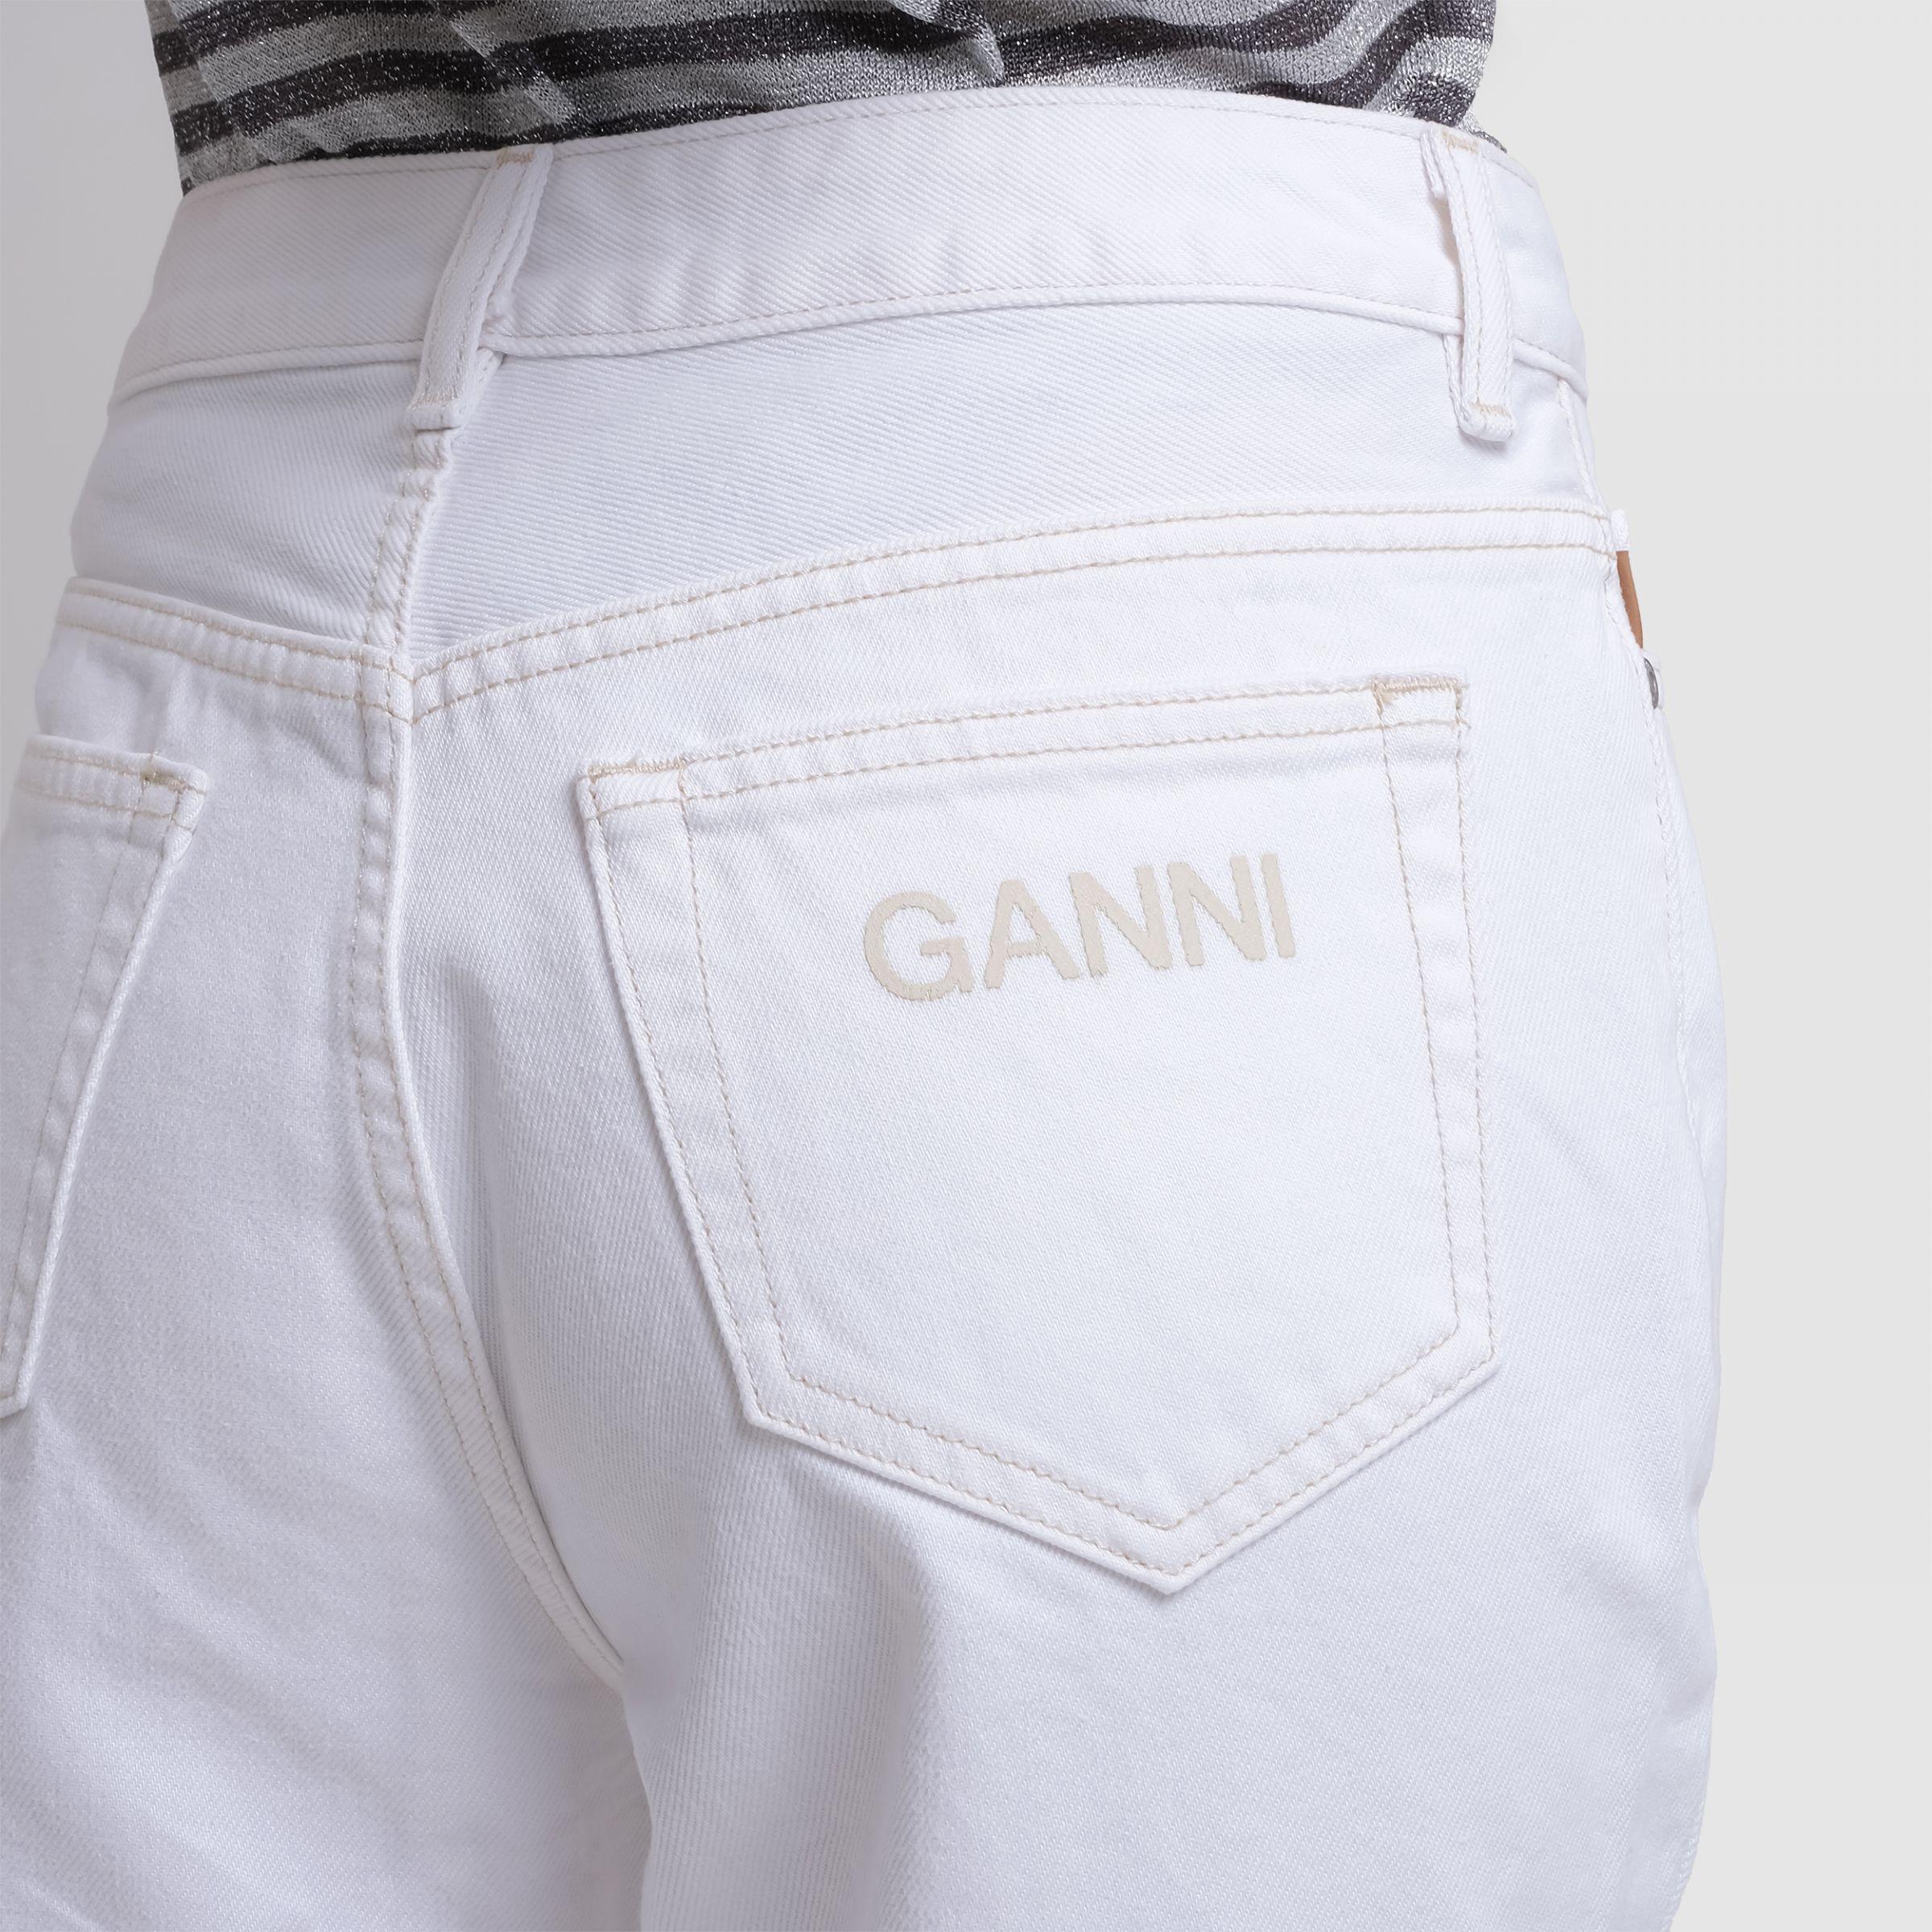 Джинсы Ganni белые